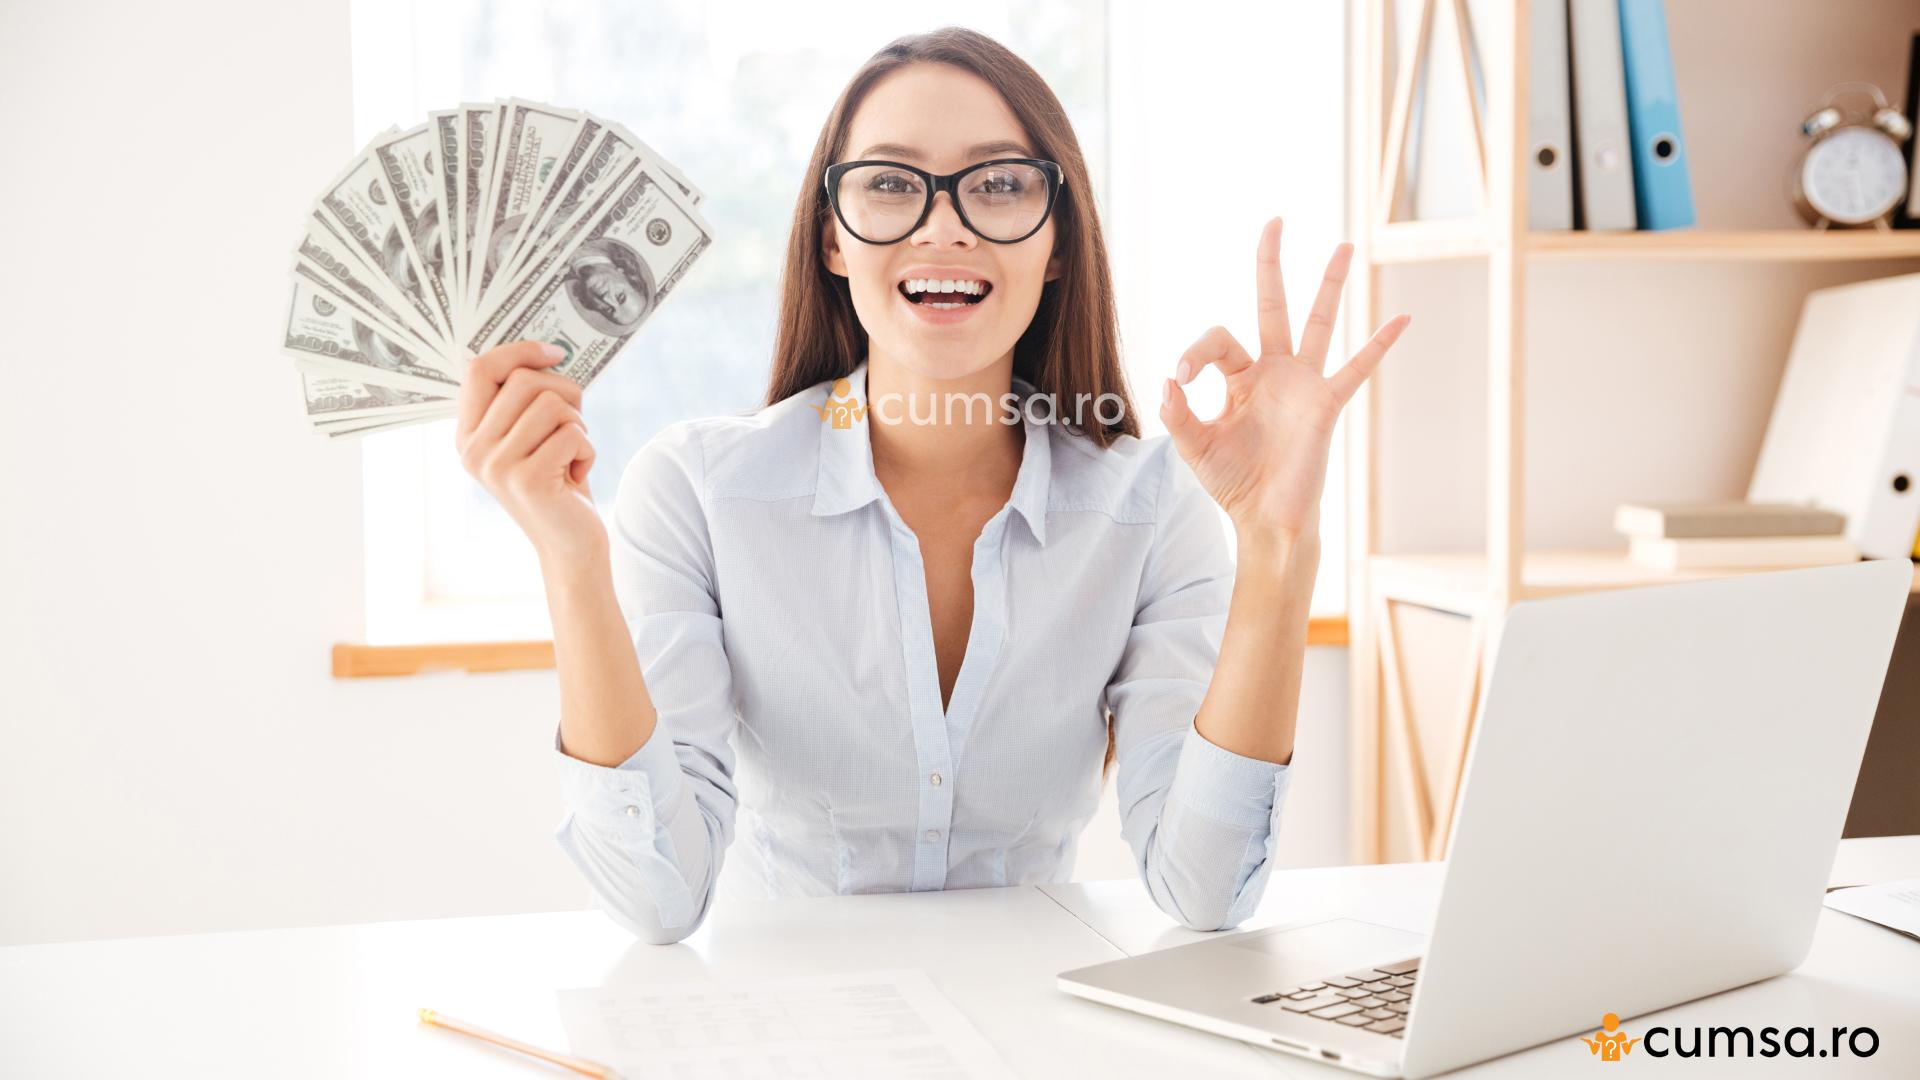 cum să faci bani ușori, dar buni